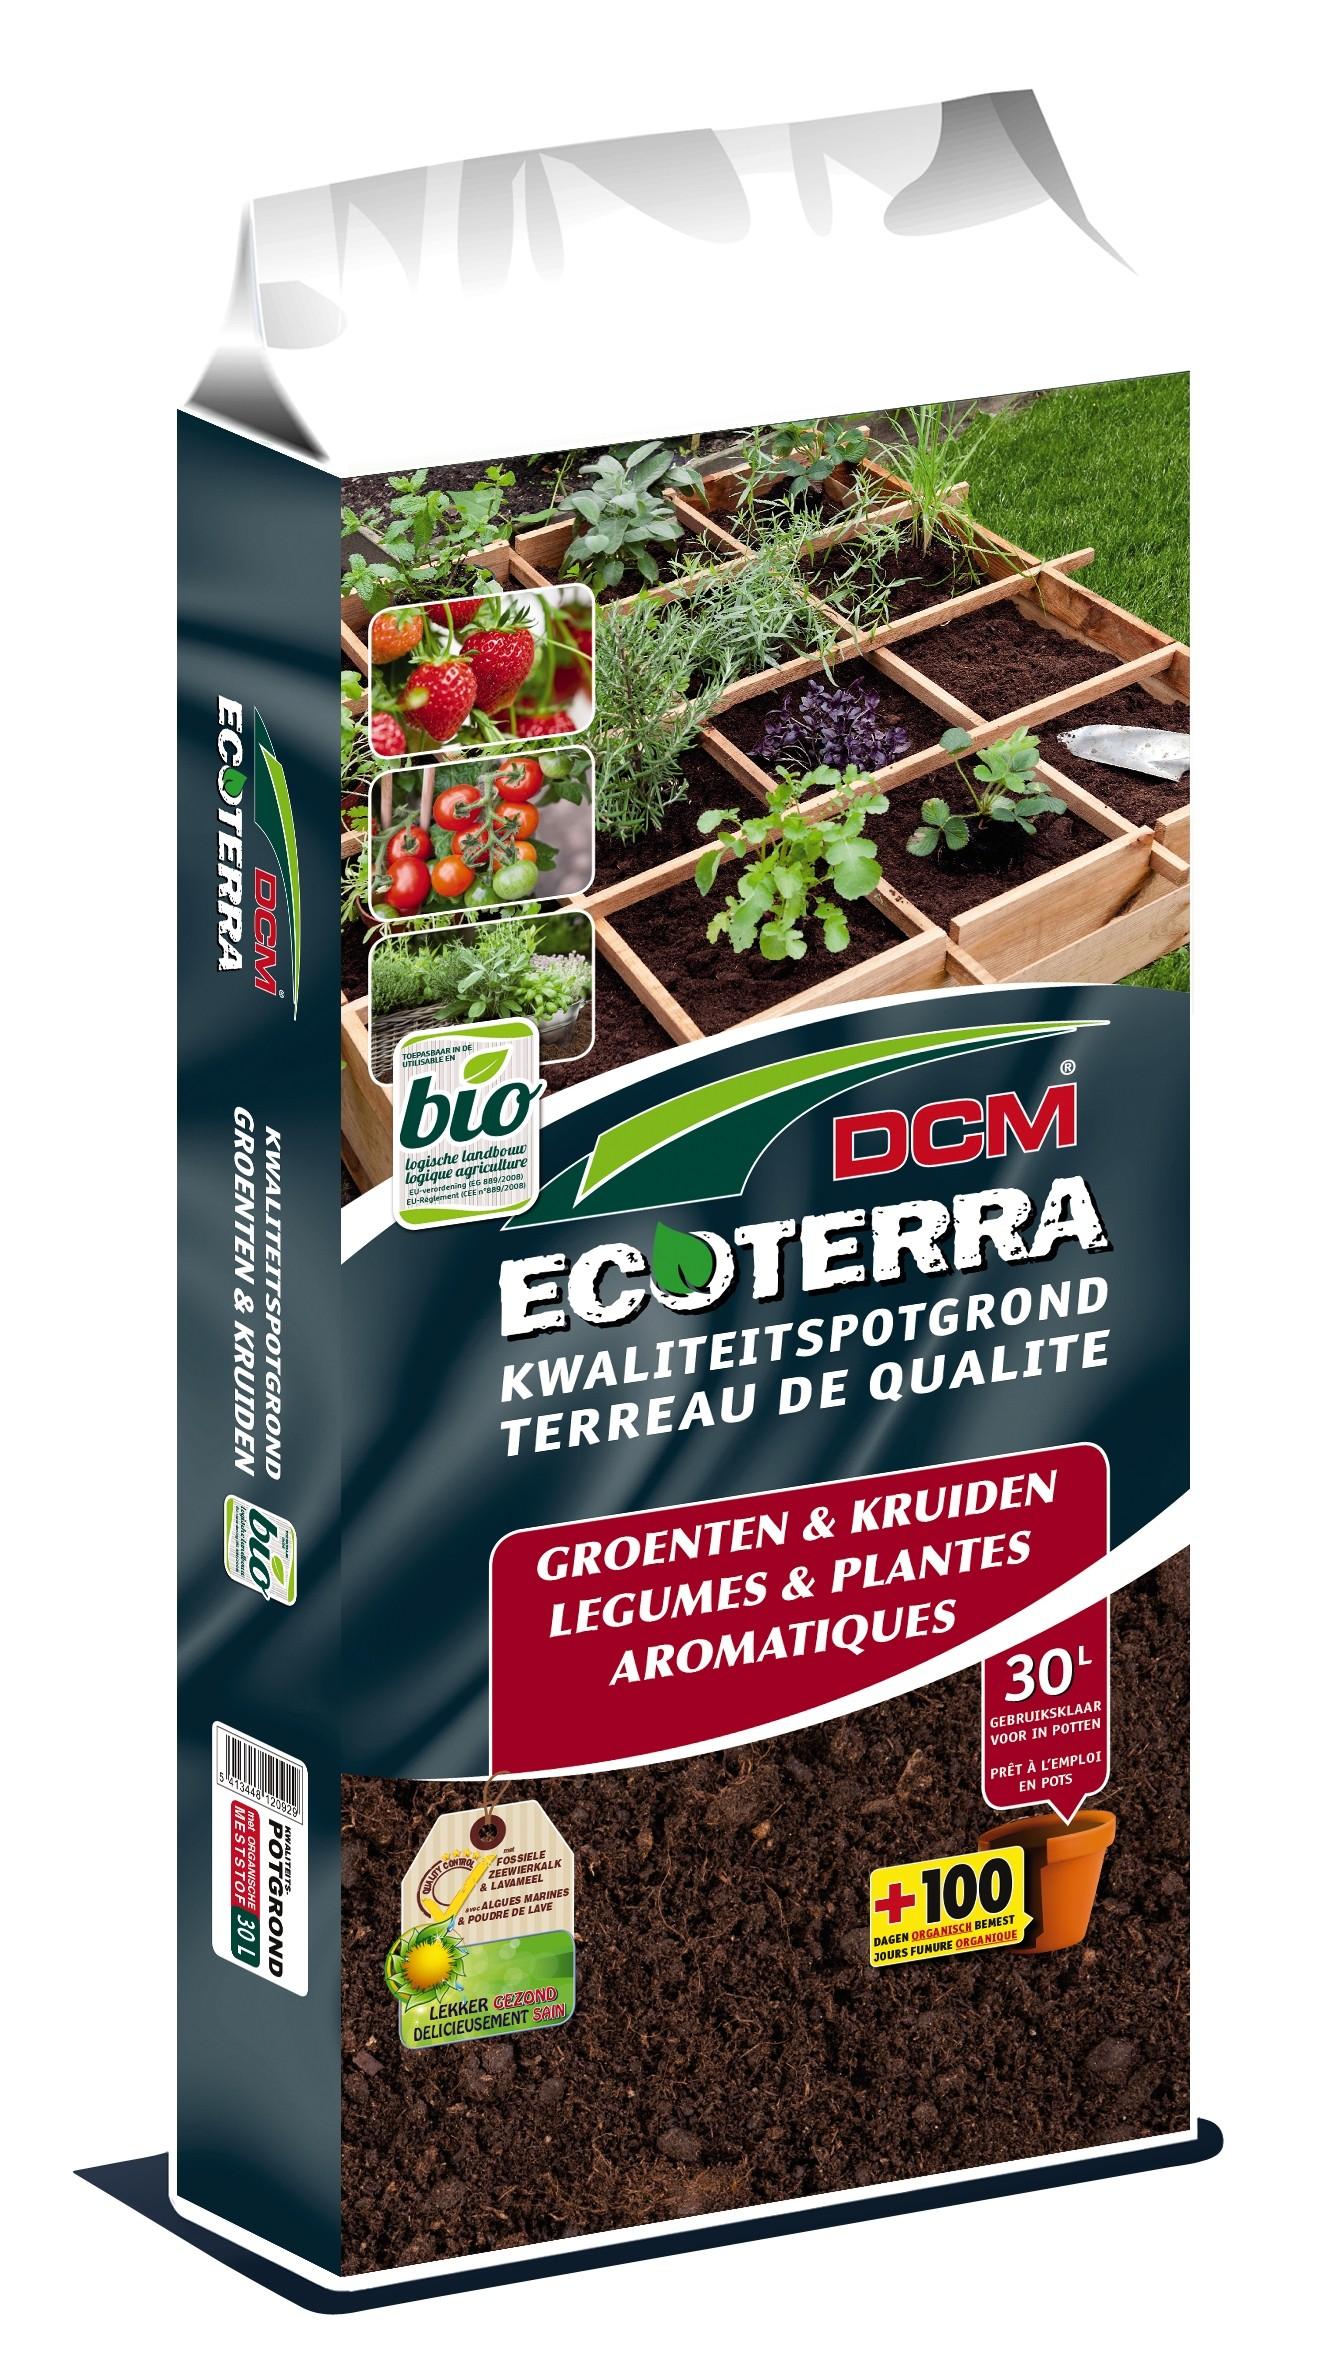 Ecoterra potgrond voor Groenten & Kruiden